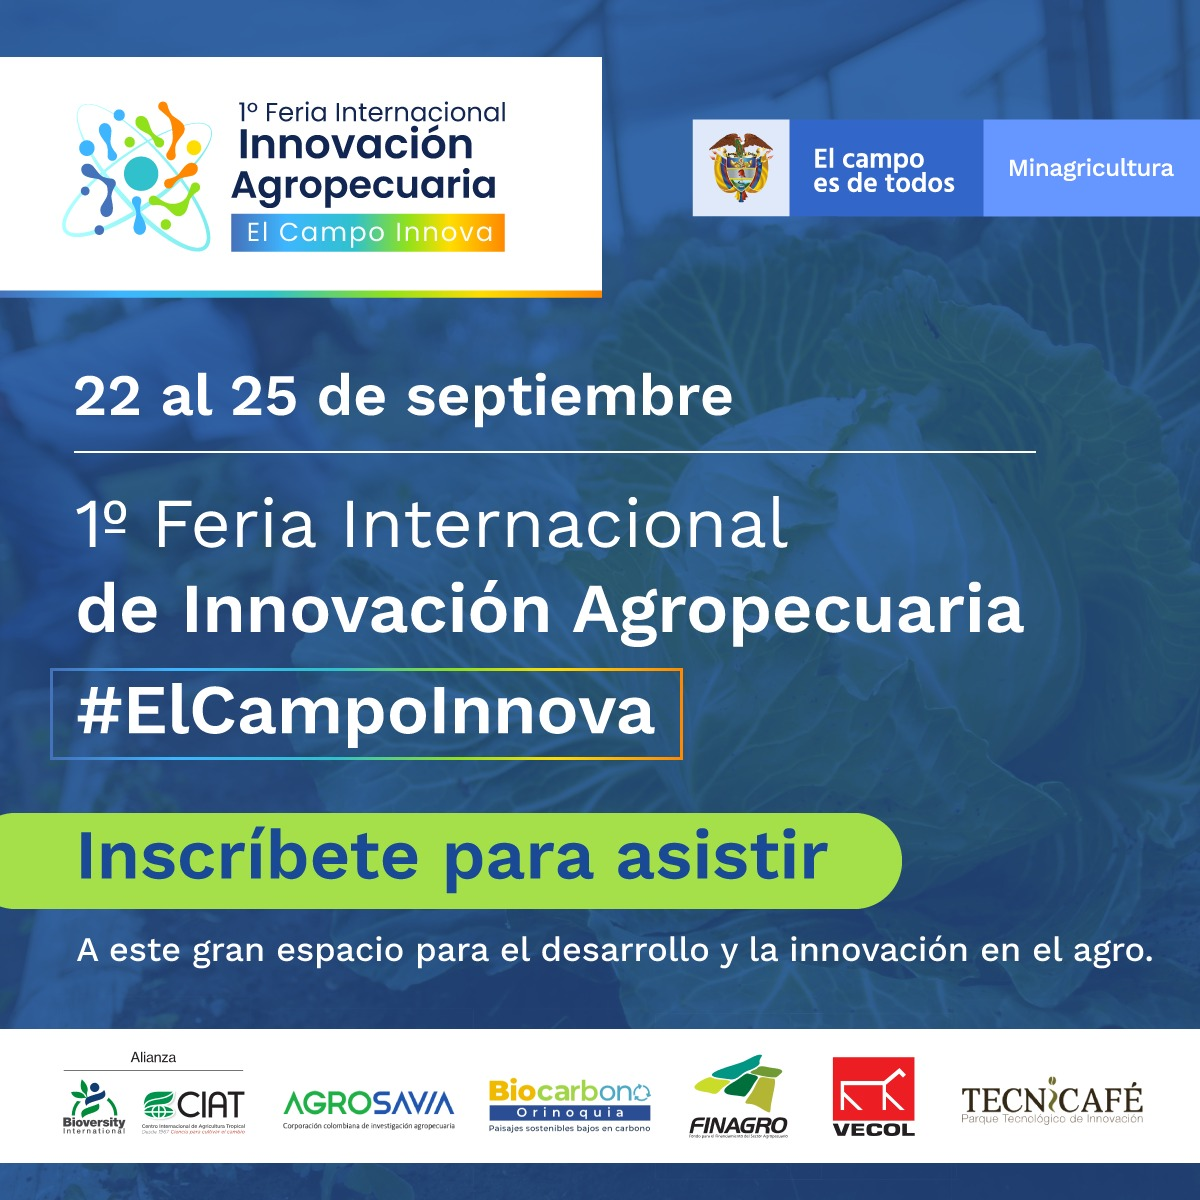 Primera Feria Internacional de Innovación Agropecuaria: El Campo Innova